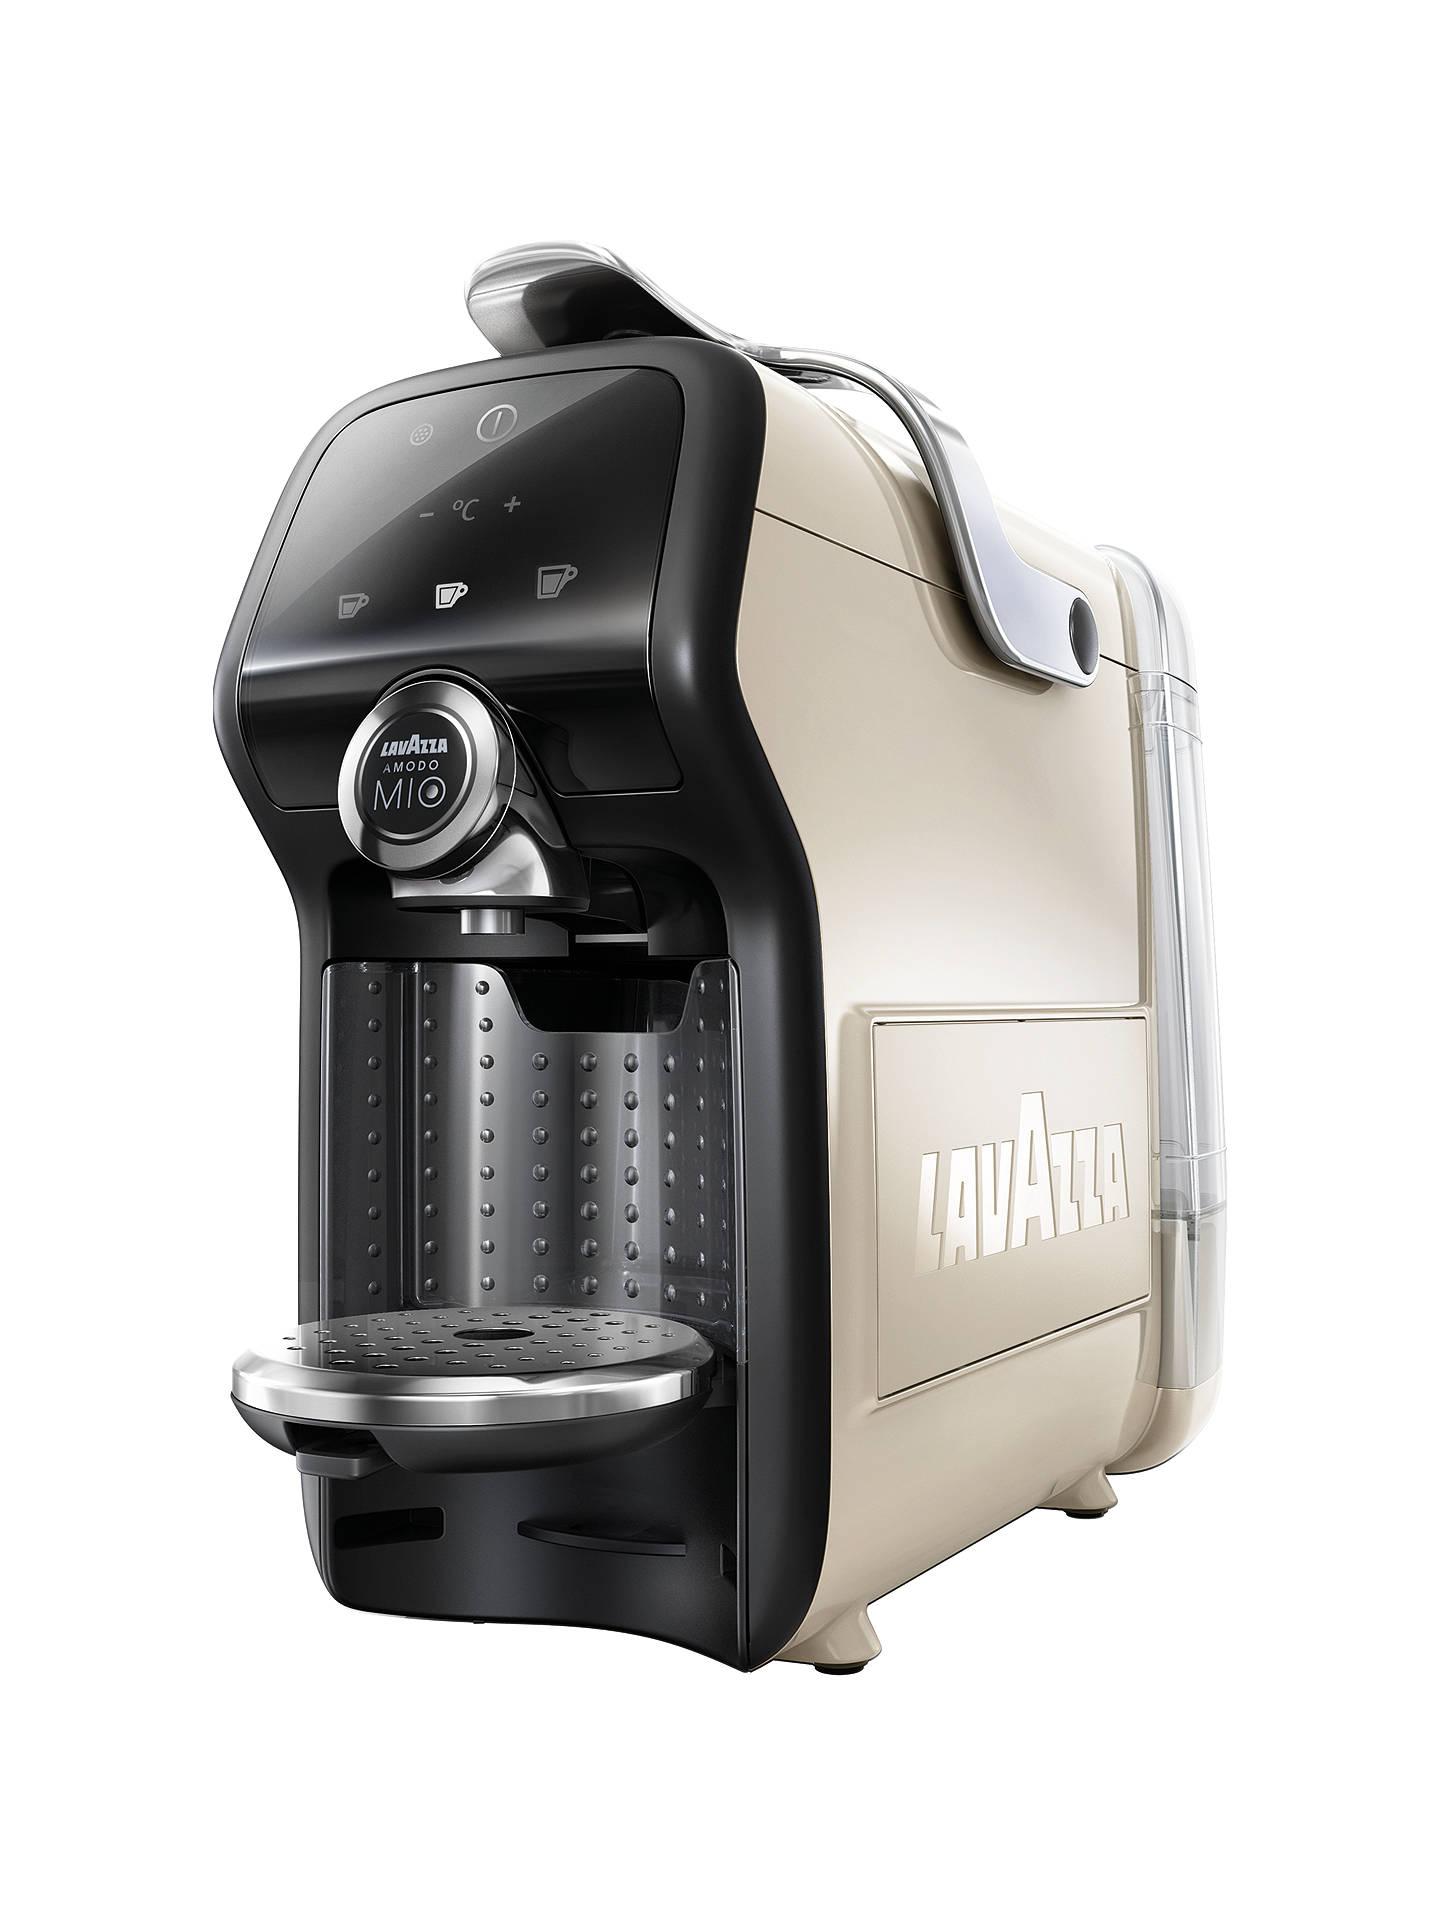 Lavazza A Modo Mio Magia Espresso Coffee Machine, Creamy White + 2 Year Guarantee - £50 Delivered @ John Lewis & Partners